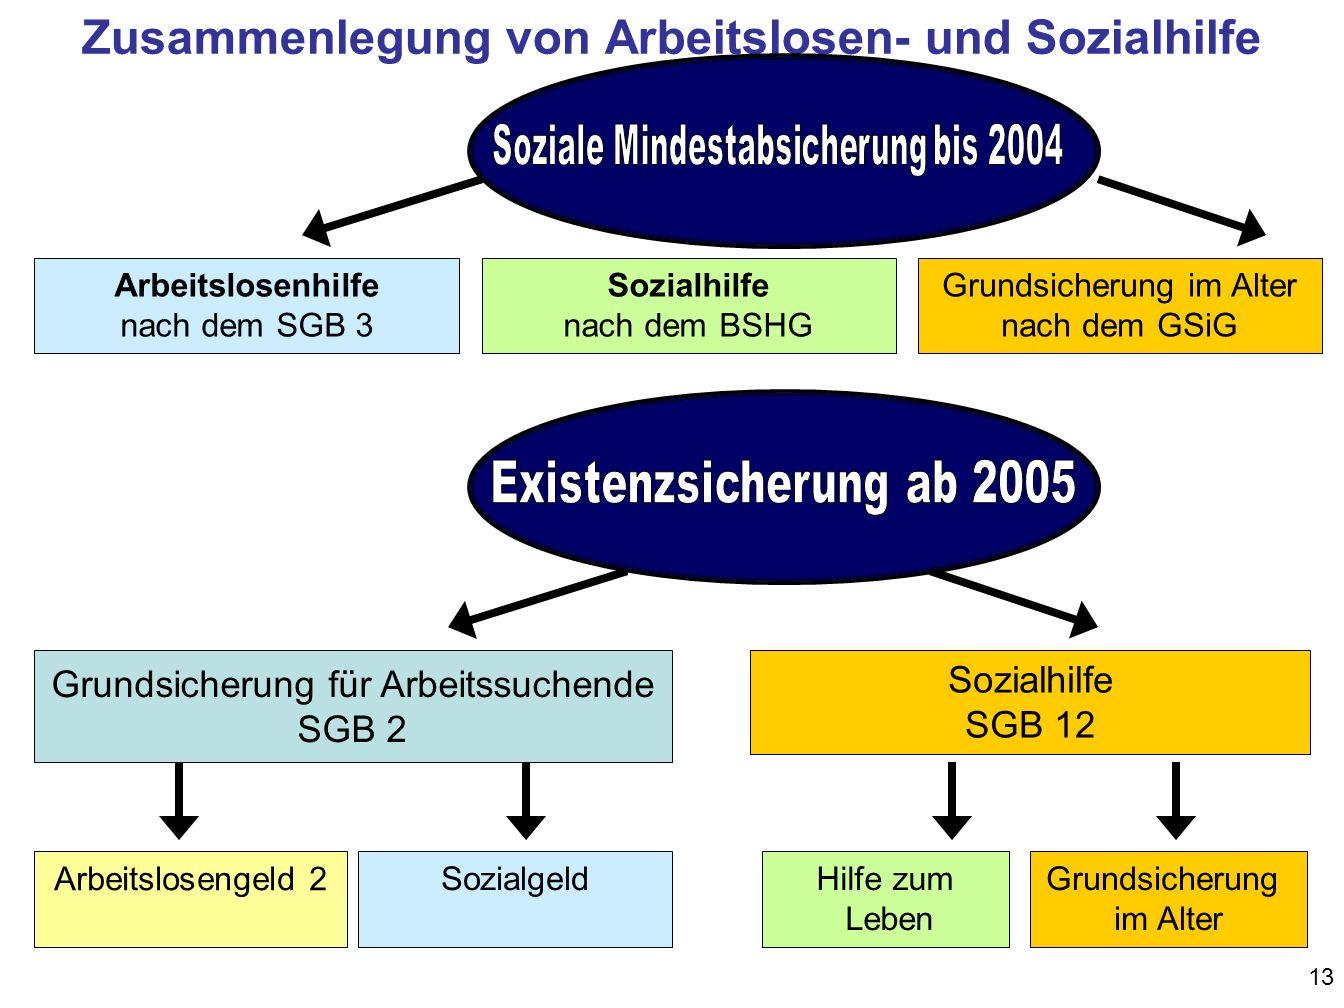 13 Zusammenlegung von Arbeitslosen- und Sozialhilfe Grundsicherung für Arbeitssuchende SGB 2 Sozialhilfe SGB 12 Arbeitslosengeld 2 SozialgeldHilfe zum Leben Grundsicherung im Alter Arbeitslosenhilfe nach dem SGB 3 Sozialhilfe nach dem BSHG Grundsicherung im Alter nach dem GSiG